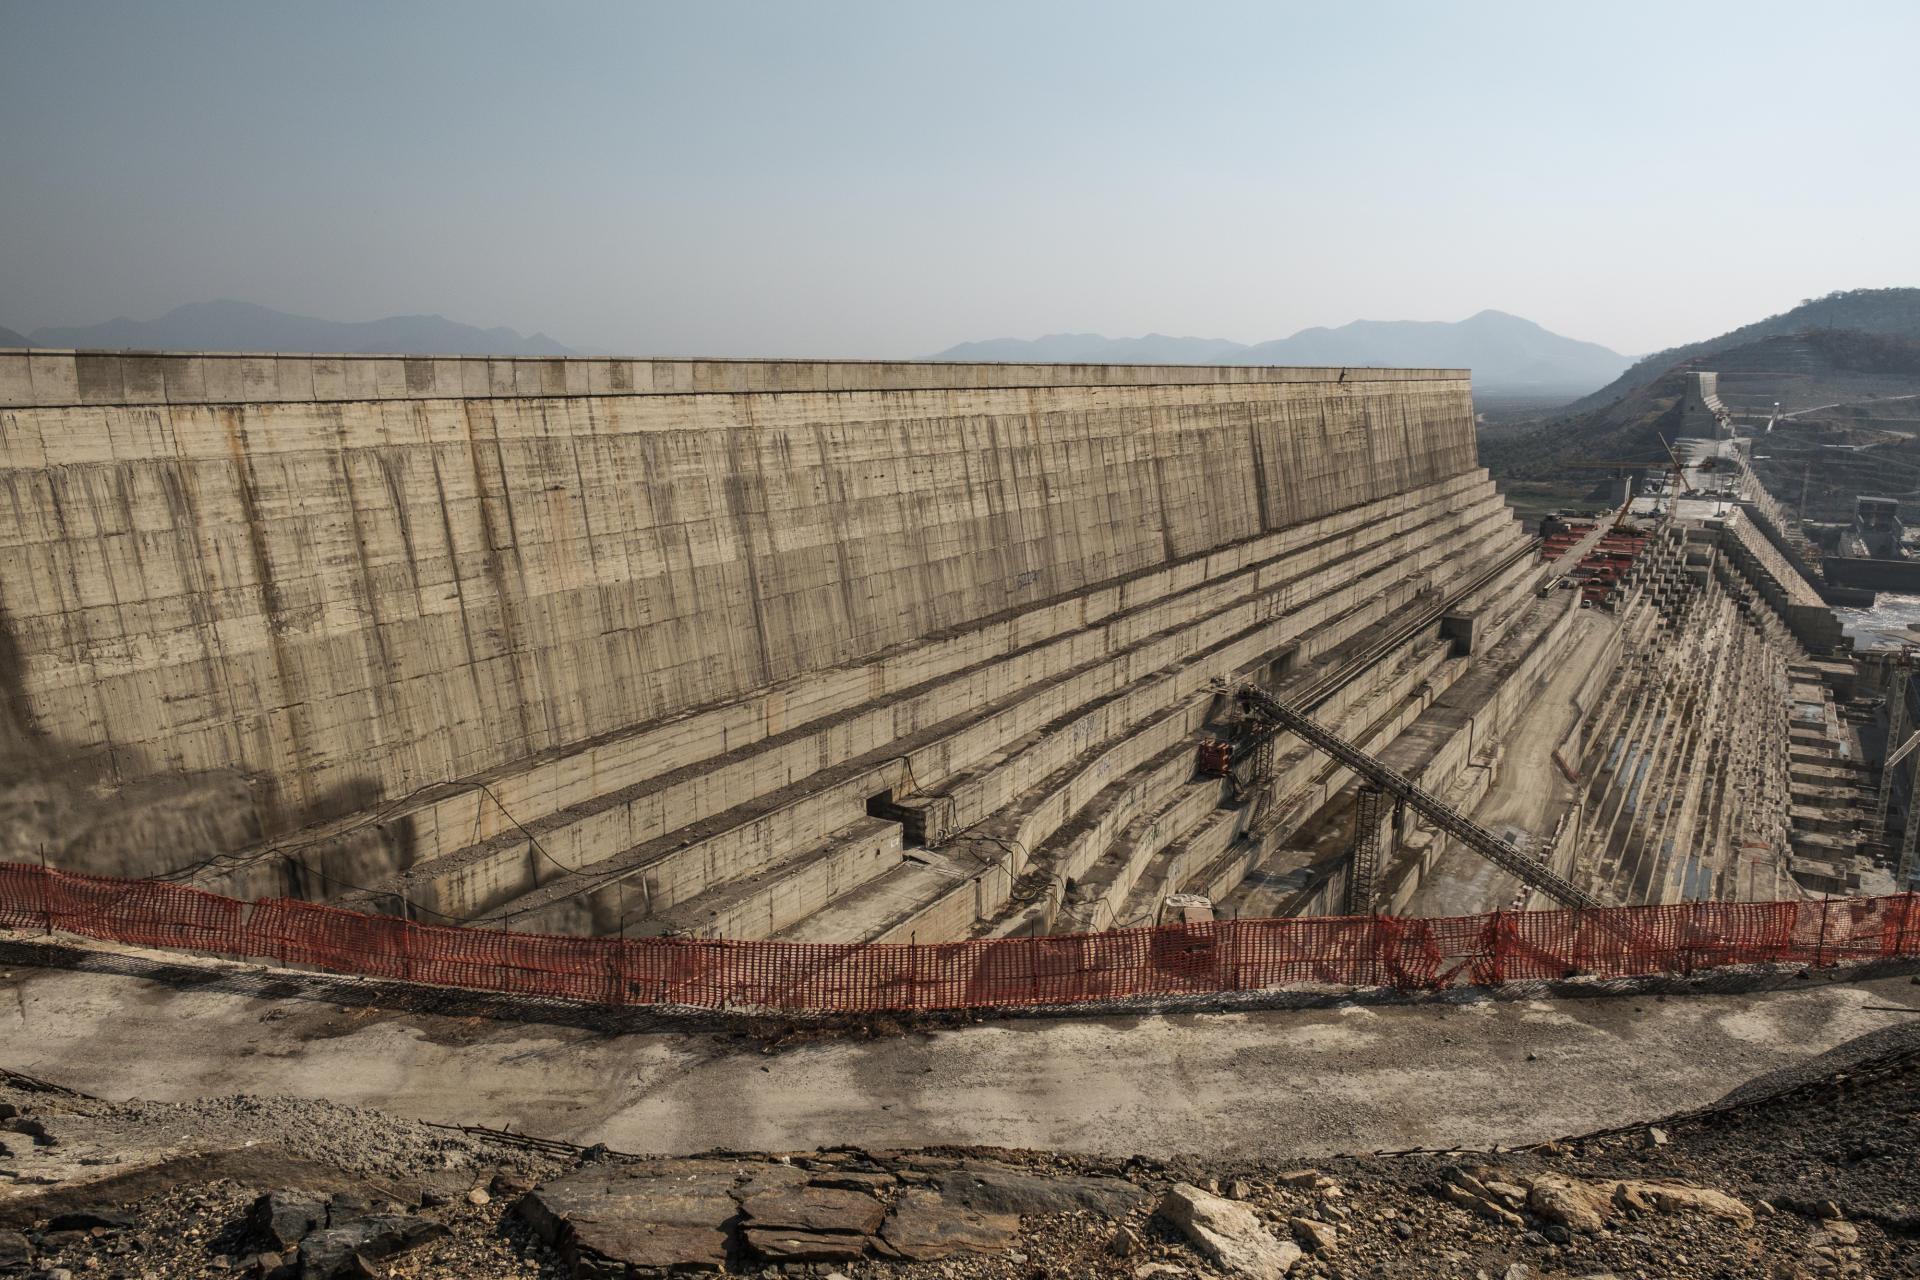 Le chantier du grand barrage de la Renaissance, sur le Nil bleu près du village de Guba, en Ethiopie, en décembre 2019.